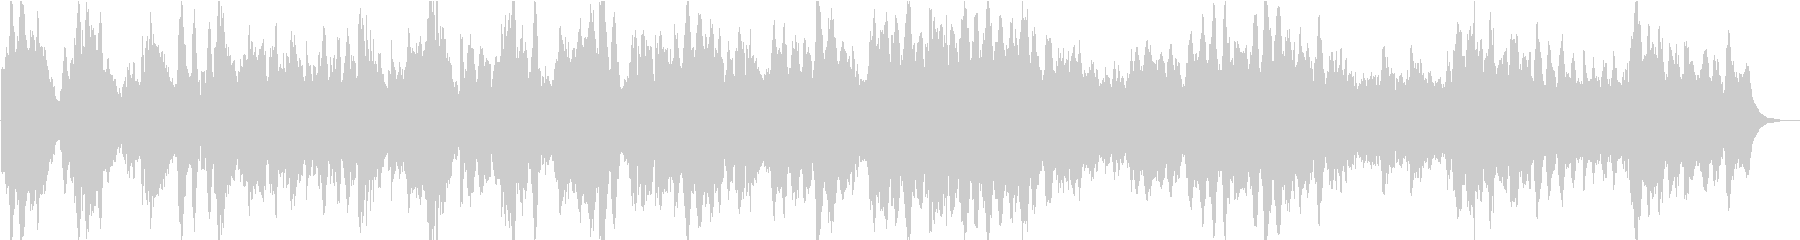 本物のアコースティックピアノと流れ...の未再生の波形